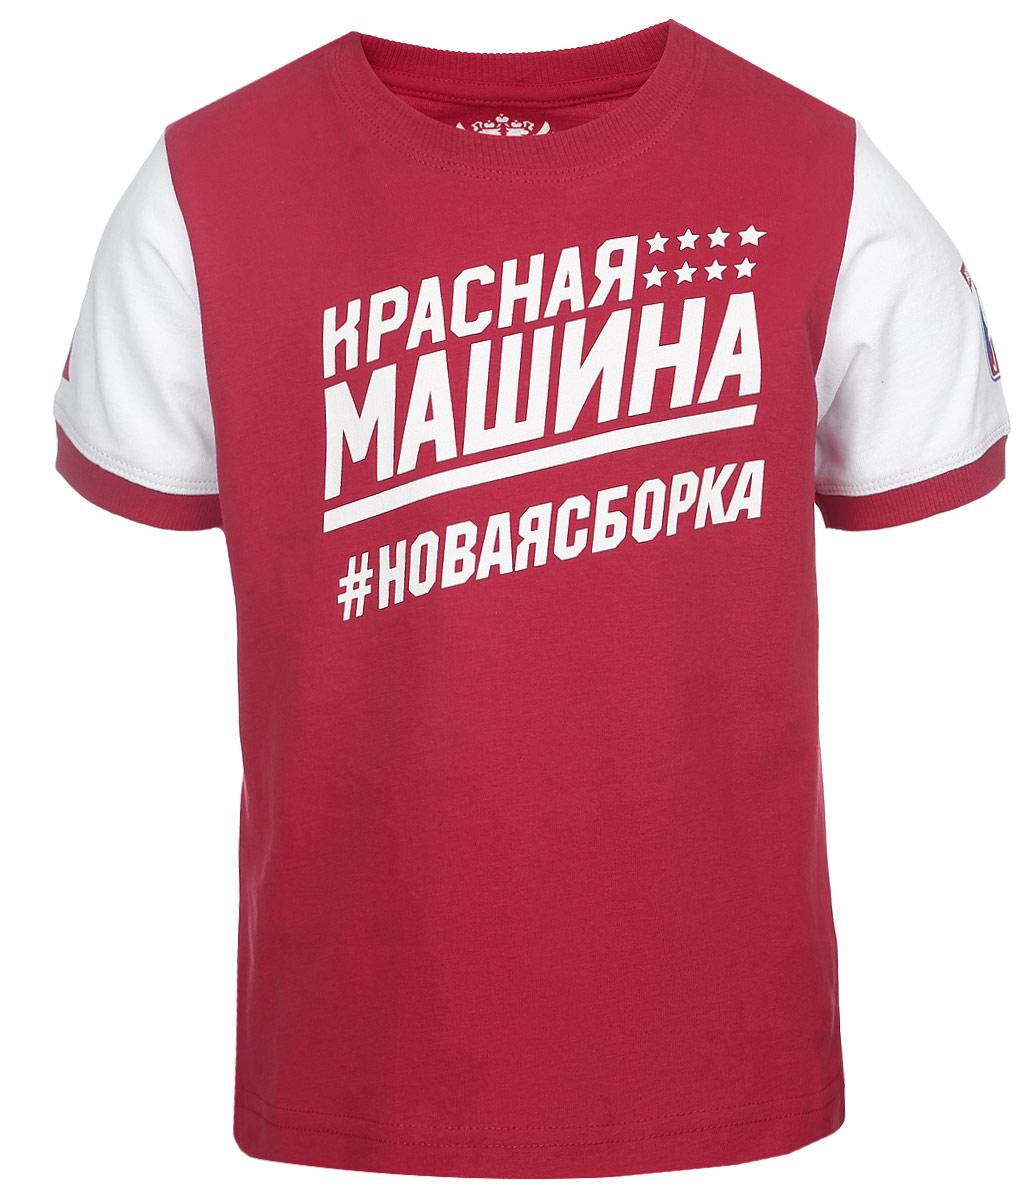 Футболка с логотипом65160092/65160073Детская футболка Красная Машина, выполненная из натурального хлопка, станет ярким дополнением к гардеробу юного поклонника хоккея. Ткань изделия плотная, тактильно приятная, не сковывает движения и позволяет коже дышать. Футболка с круглым вырезом горловины и короткими рукавами оформлена изображением флага России, логотипом сборной по хоккею и принтовой надписью. Вырез горловины и края рукавов дополнены трикотажными резинками. Современный дизайн и расцветка делают эту модель стильным и модным предметом детского гардероба. В такой футболке ребенок будет чувствовать себя уютно, комфортно и всегда будет в центре внимания!